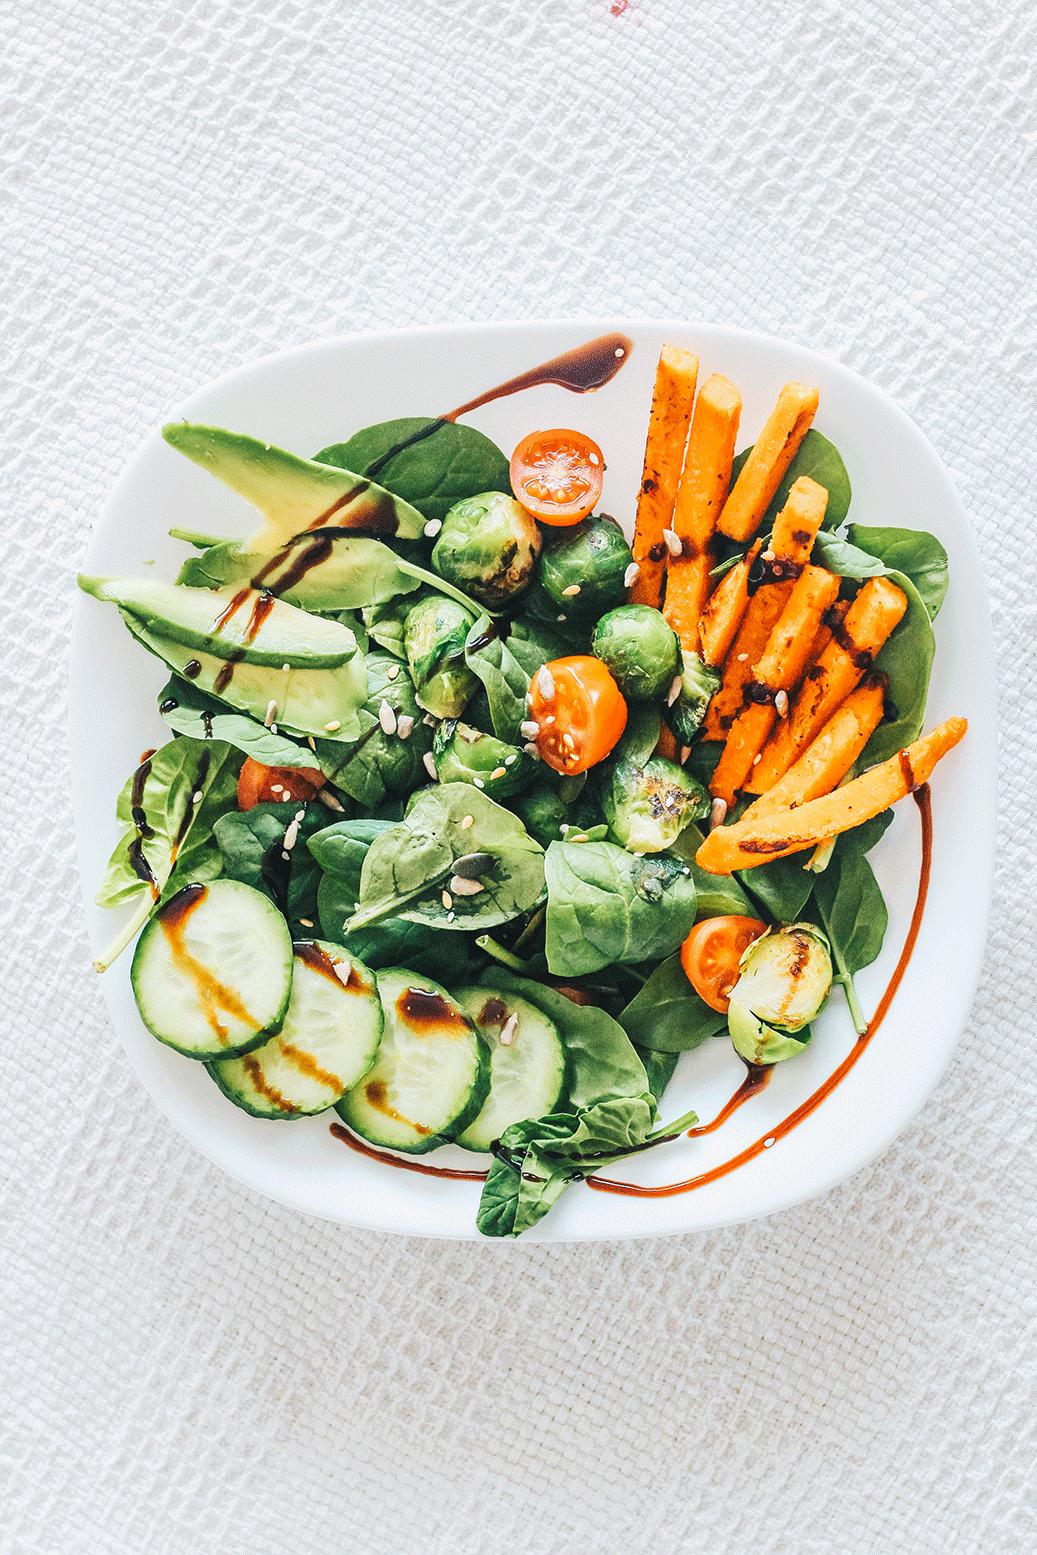 Wie Du In Knapp 10 Minuten Ein Gesundes Einfaches Veganes